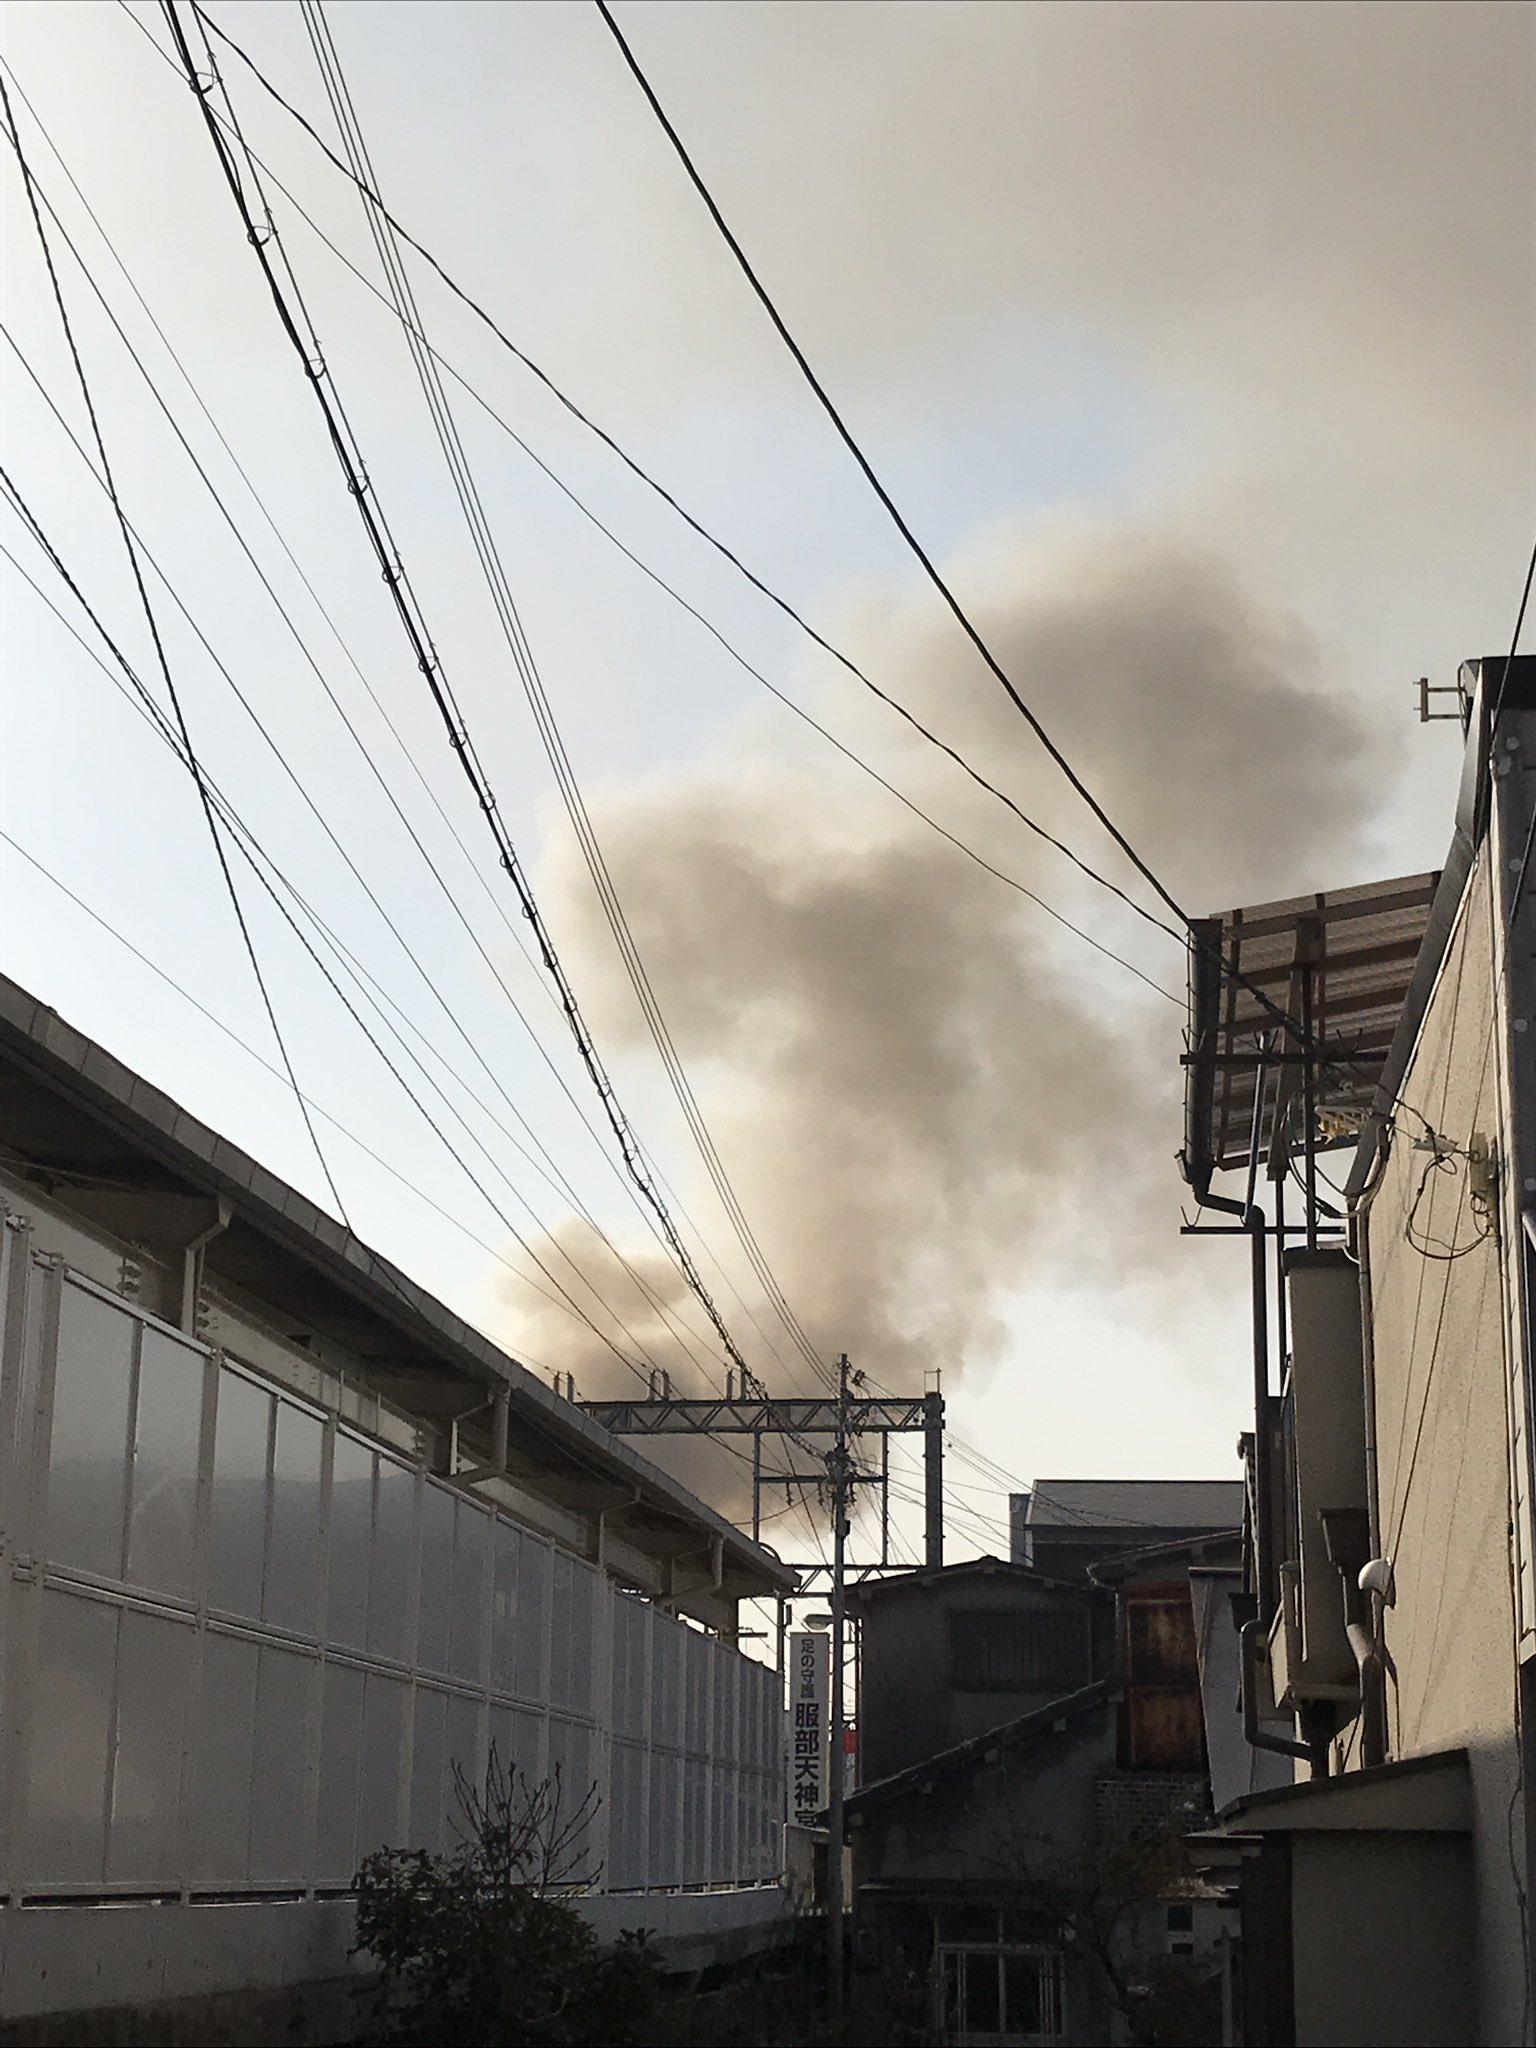 画像,服部天神駅近く、阪急宝塚線で火事凄い煙です(;´д`) https://t.co/hrDsjmgF7T。